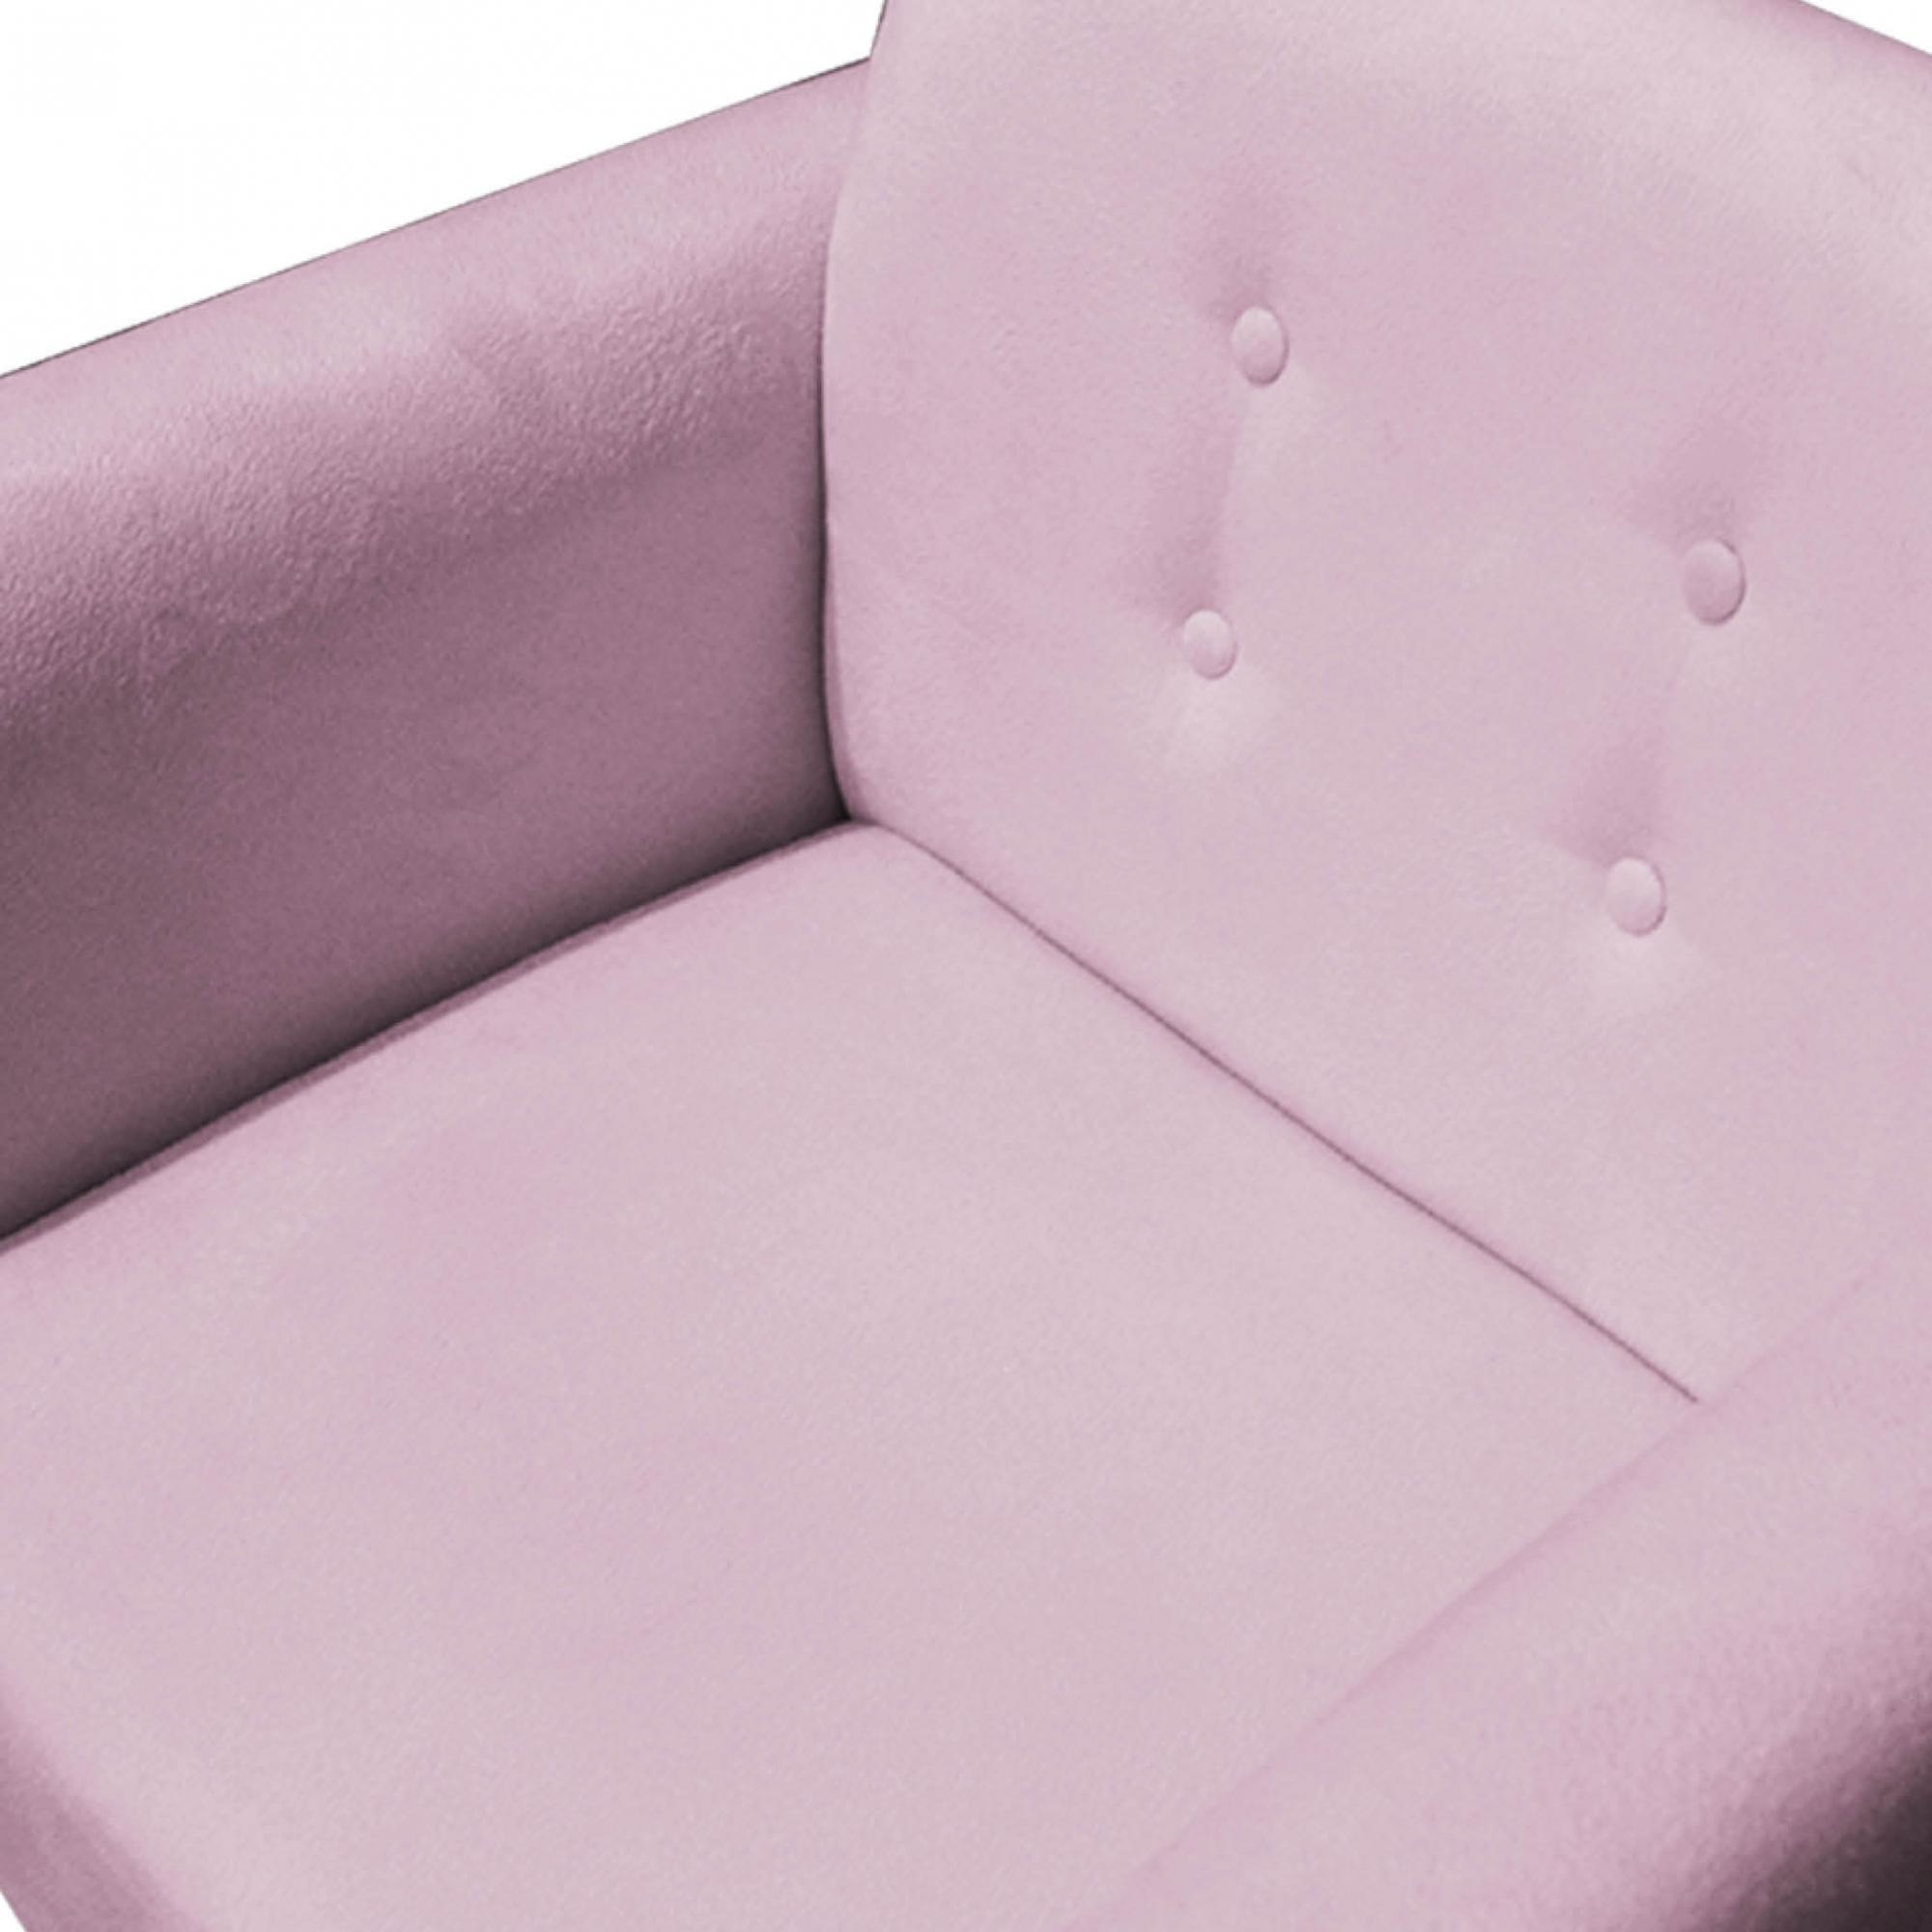 Kit 4 Poltrona Duda Decoraçâo Pé Palito Cadeira Recepção Escritório Clinica D'Classe Decor Suede Rosa Bebê